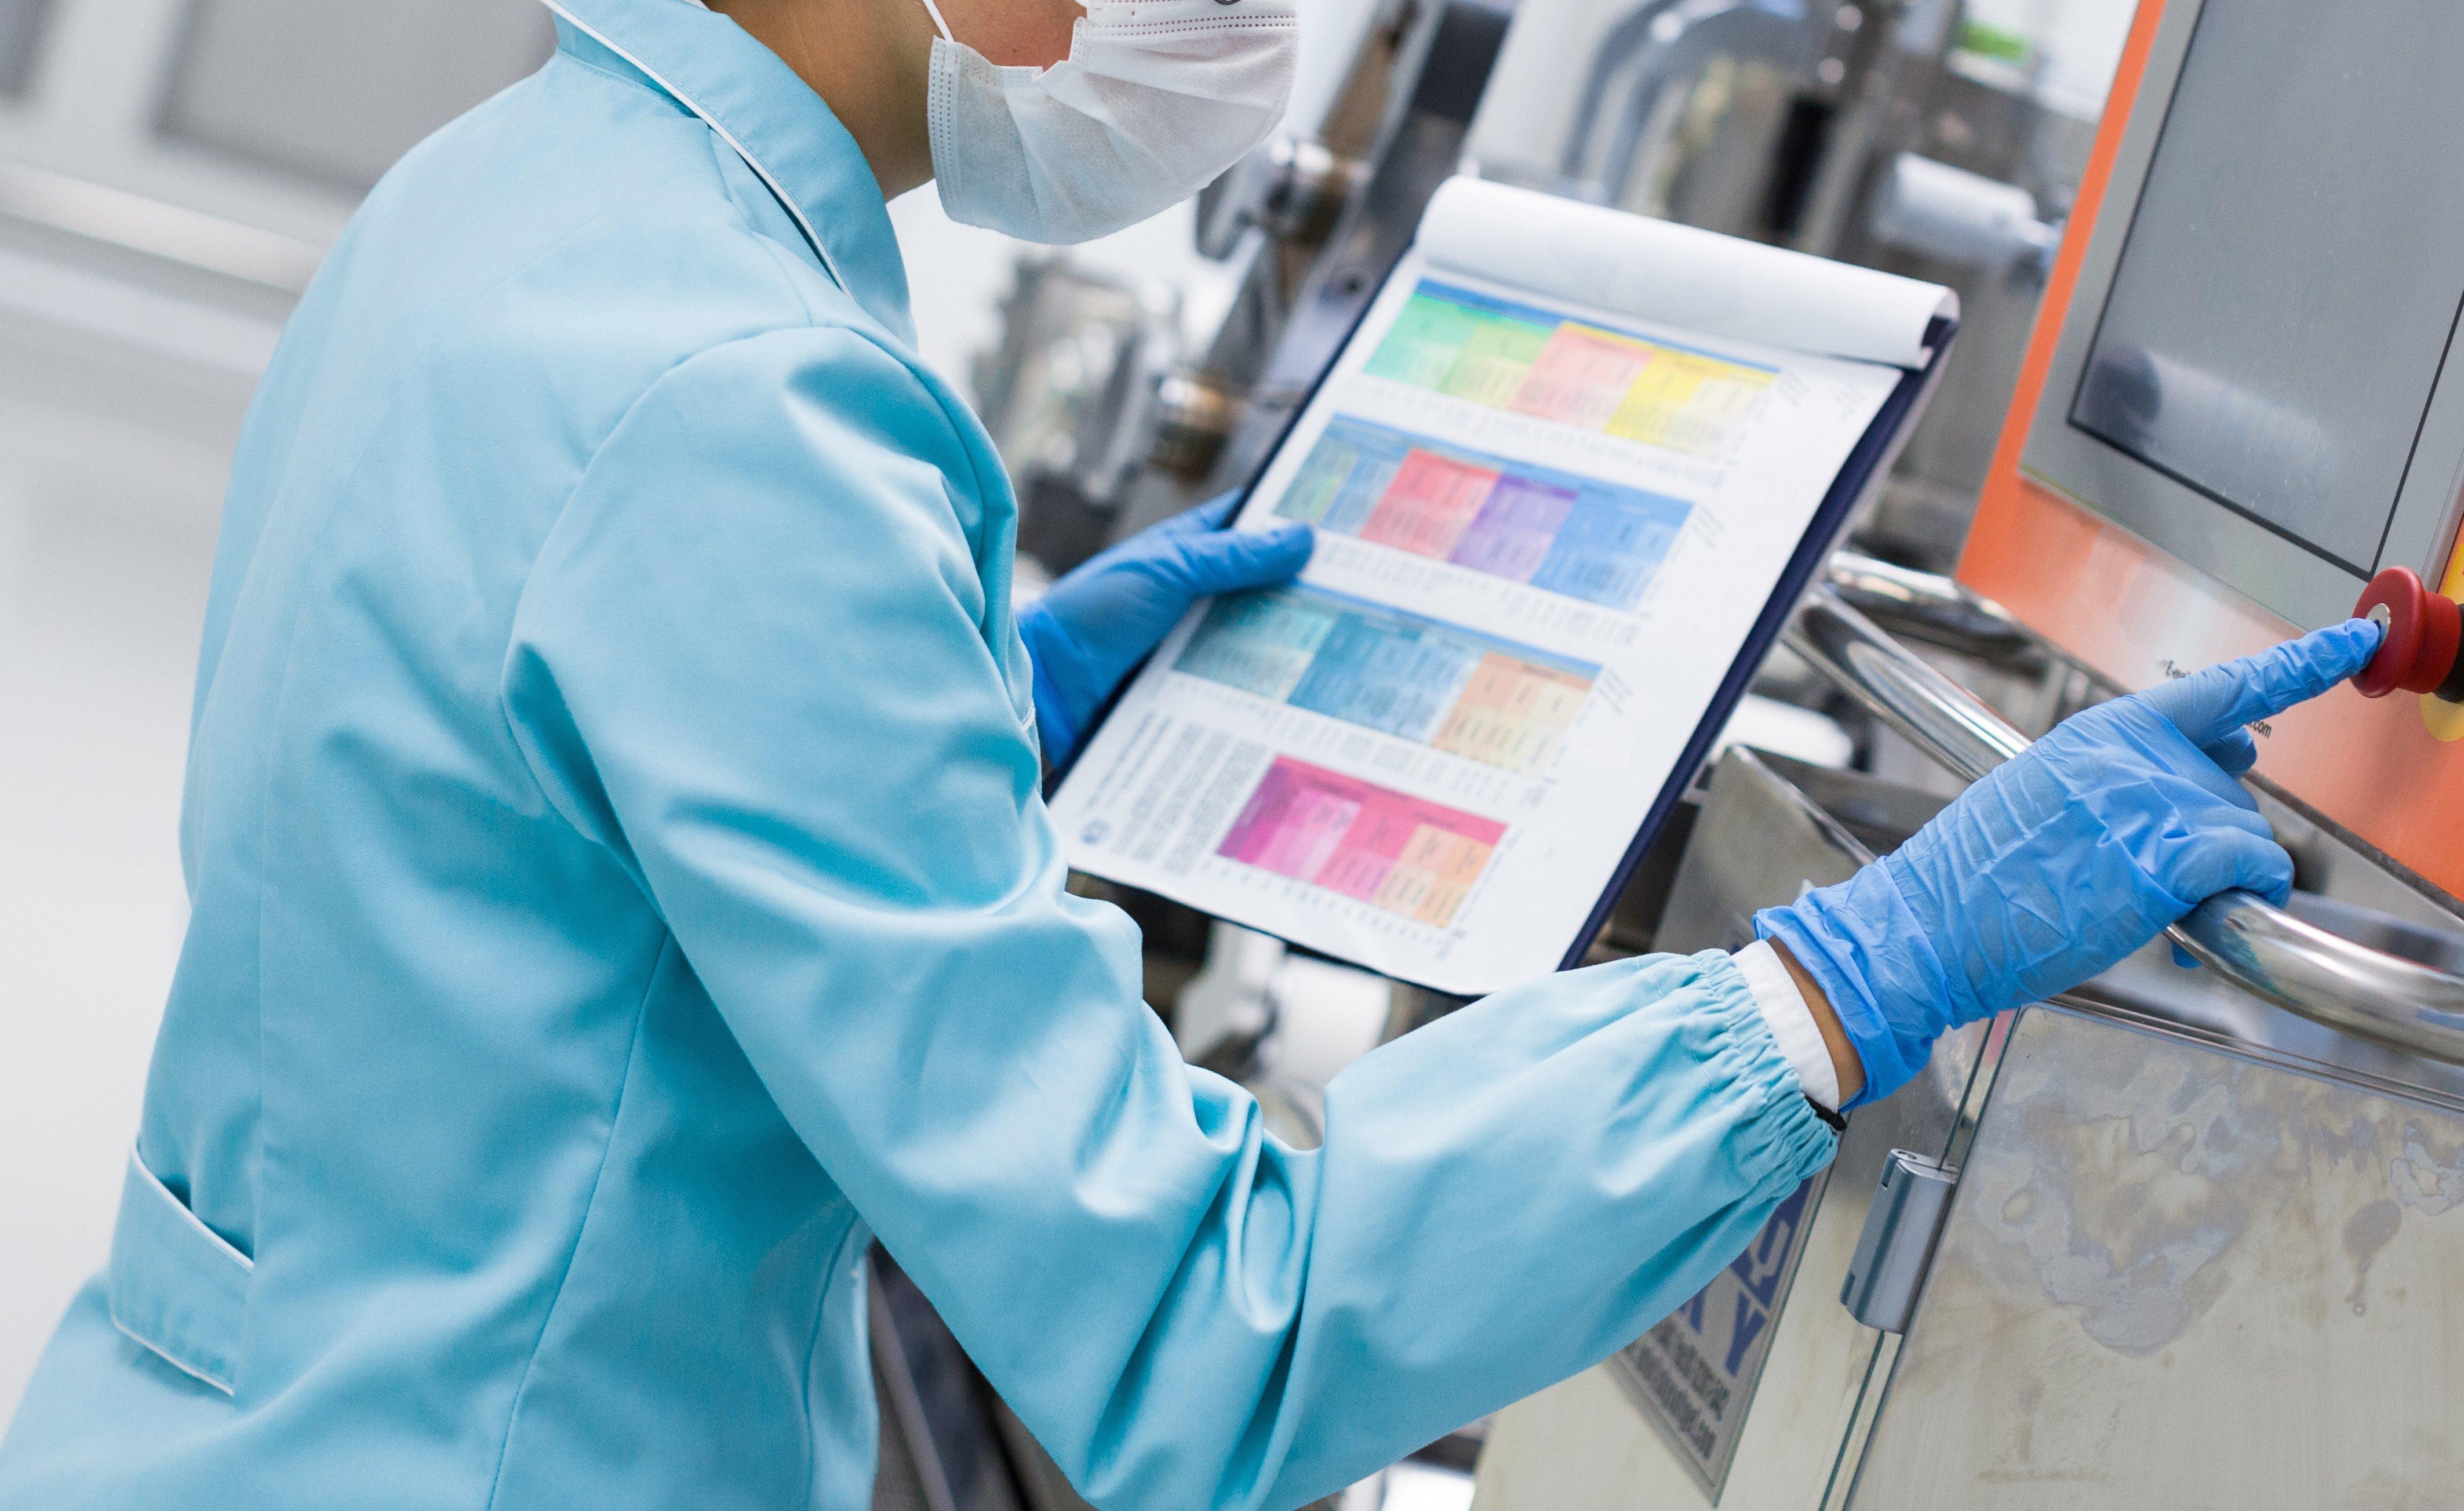 IQ, OQ, PQ in FDA-Regulated Industries